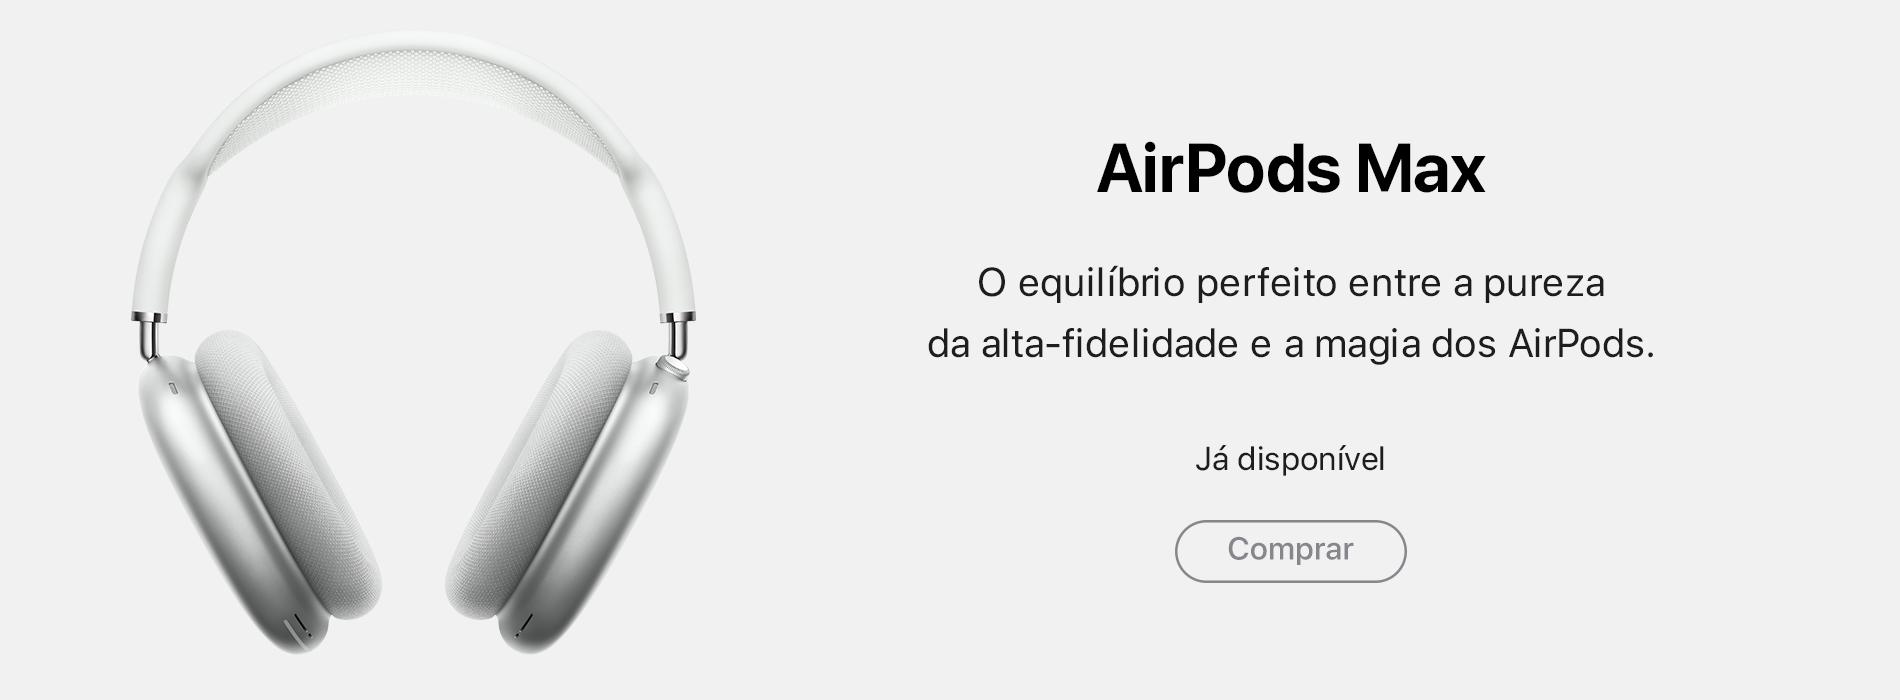 Homepage Slideshow - AirPods Max